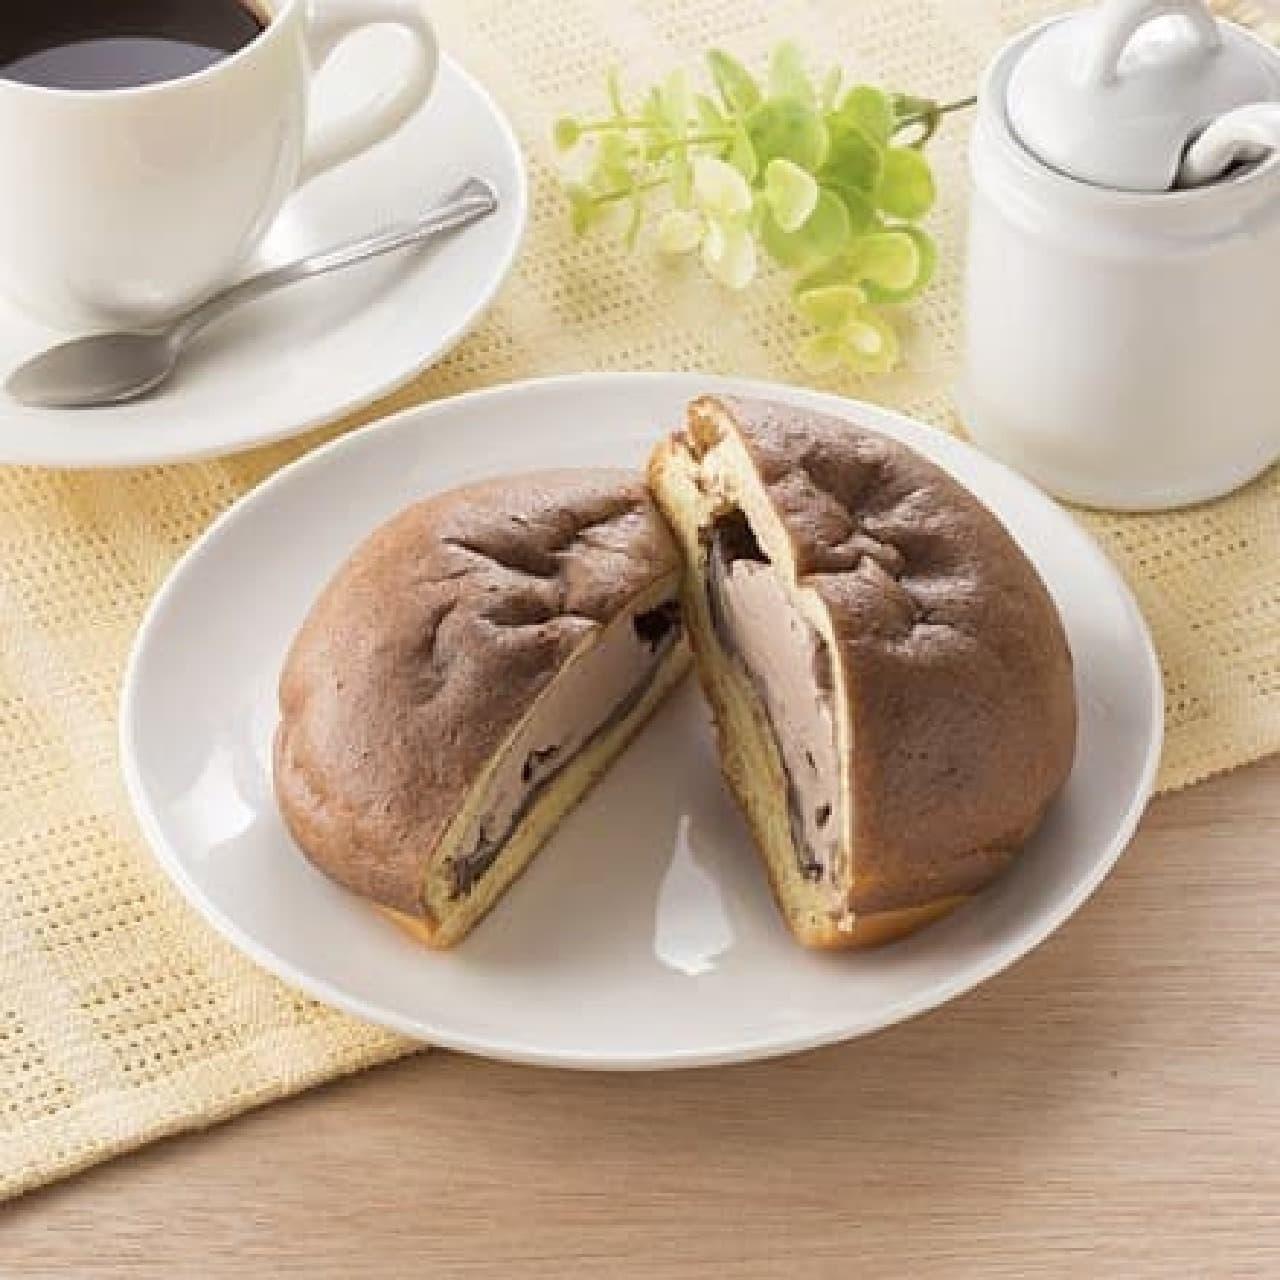 ファミリーマート「シュークリームみたいなパン(チョコ&チョコホイップ)」